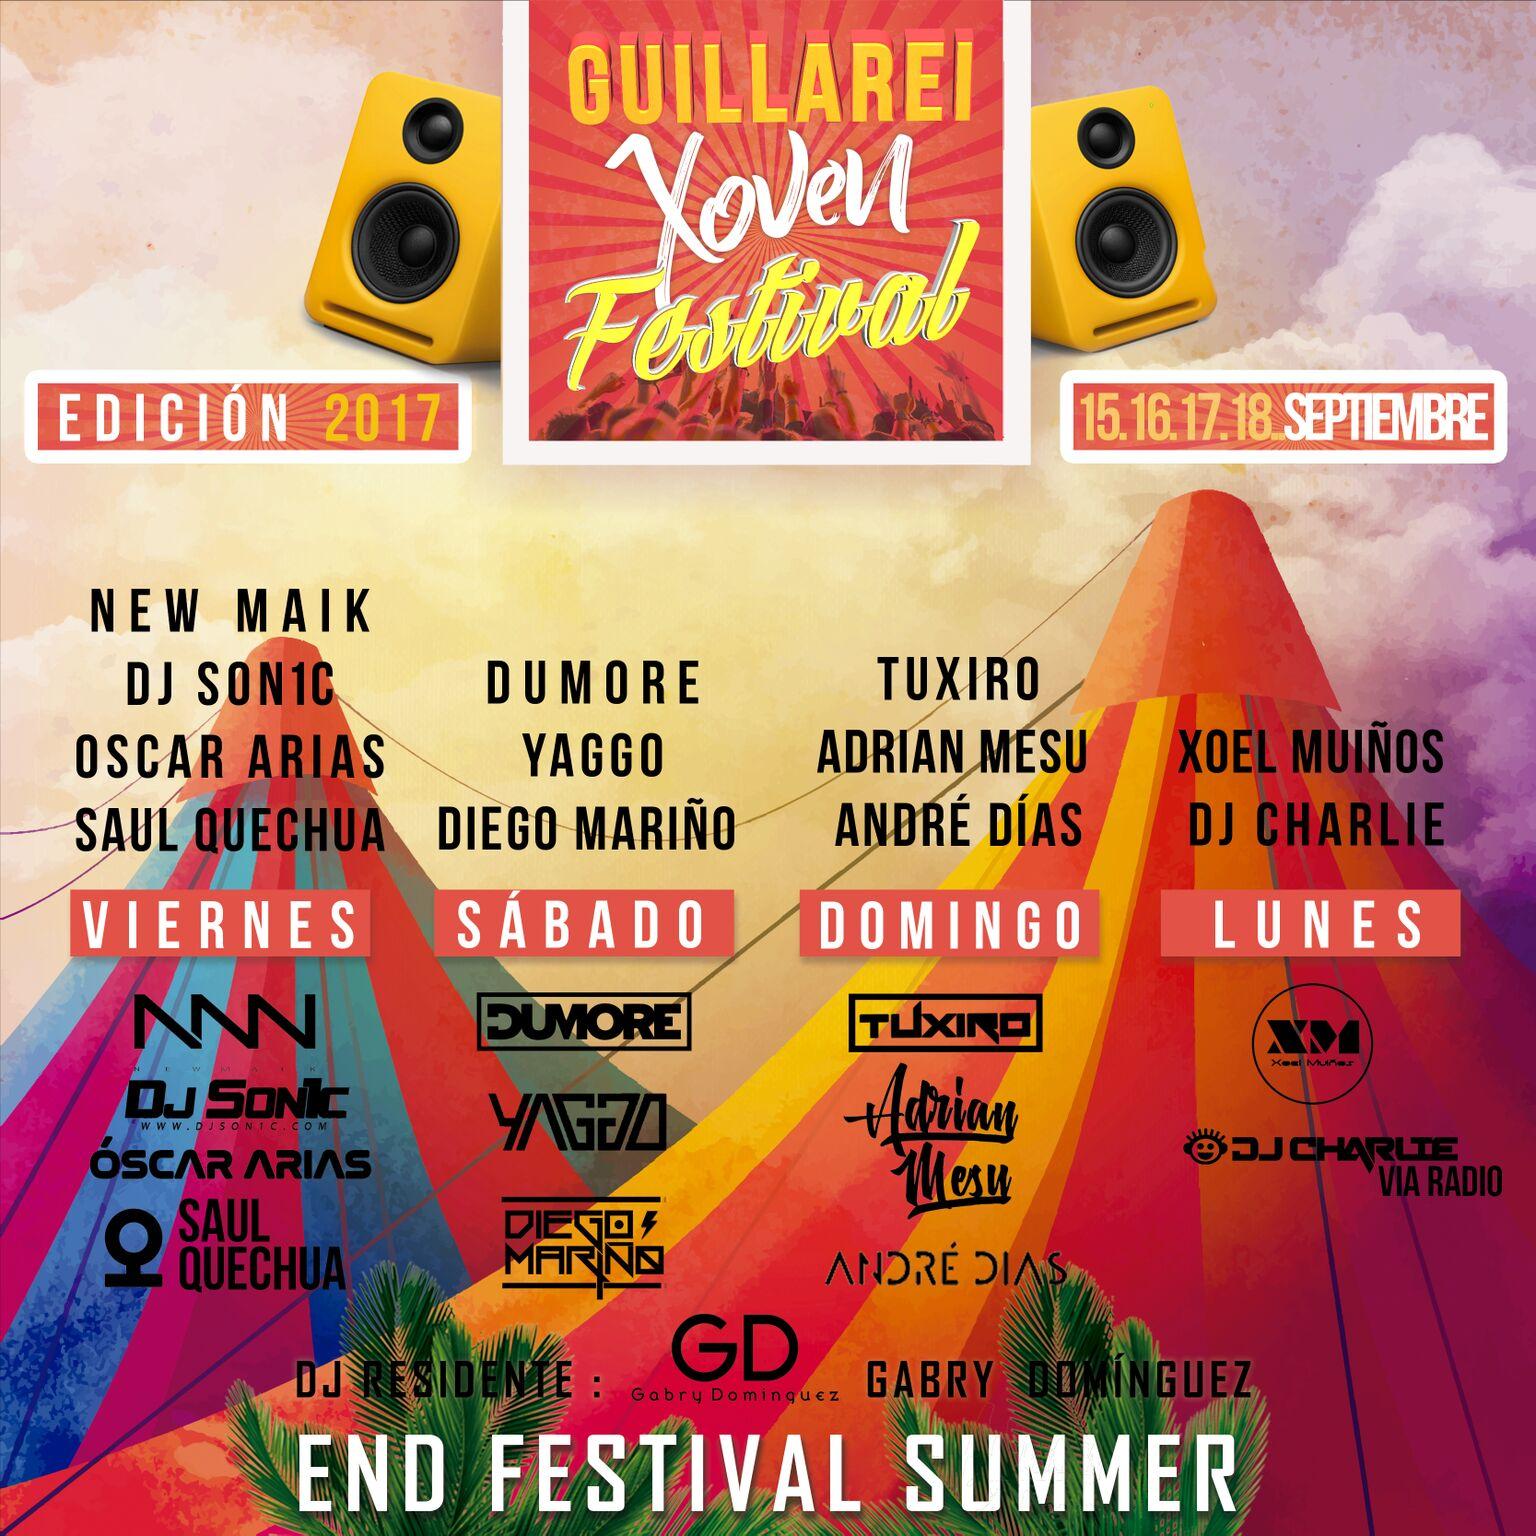 18-09-2017 Guillarei